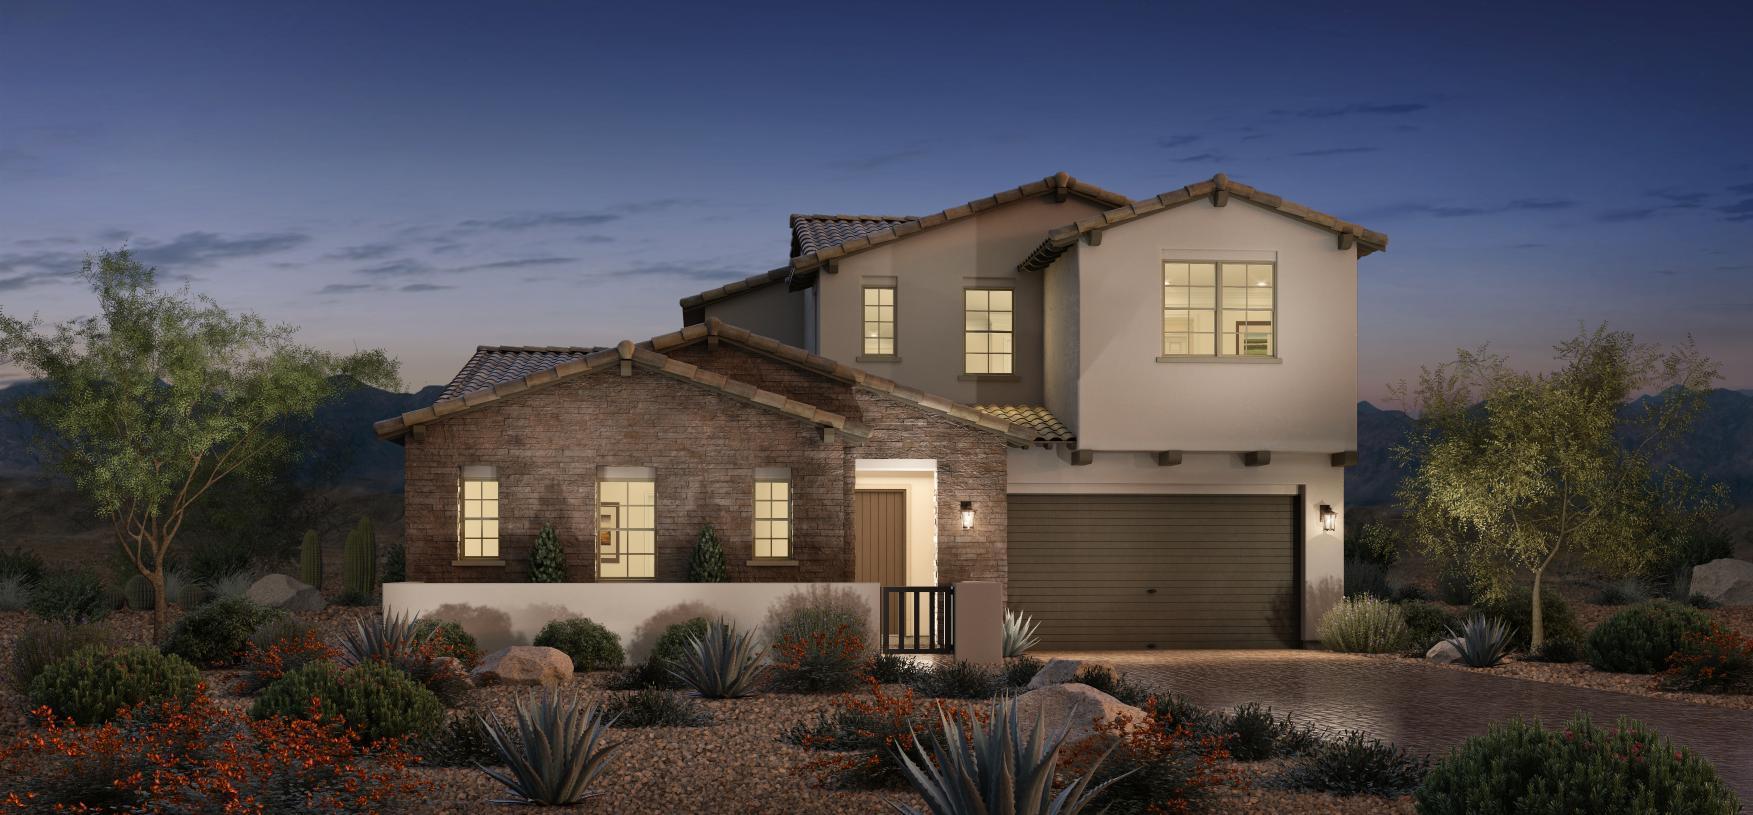 Elevation Image:Ranch Hacienda